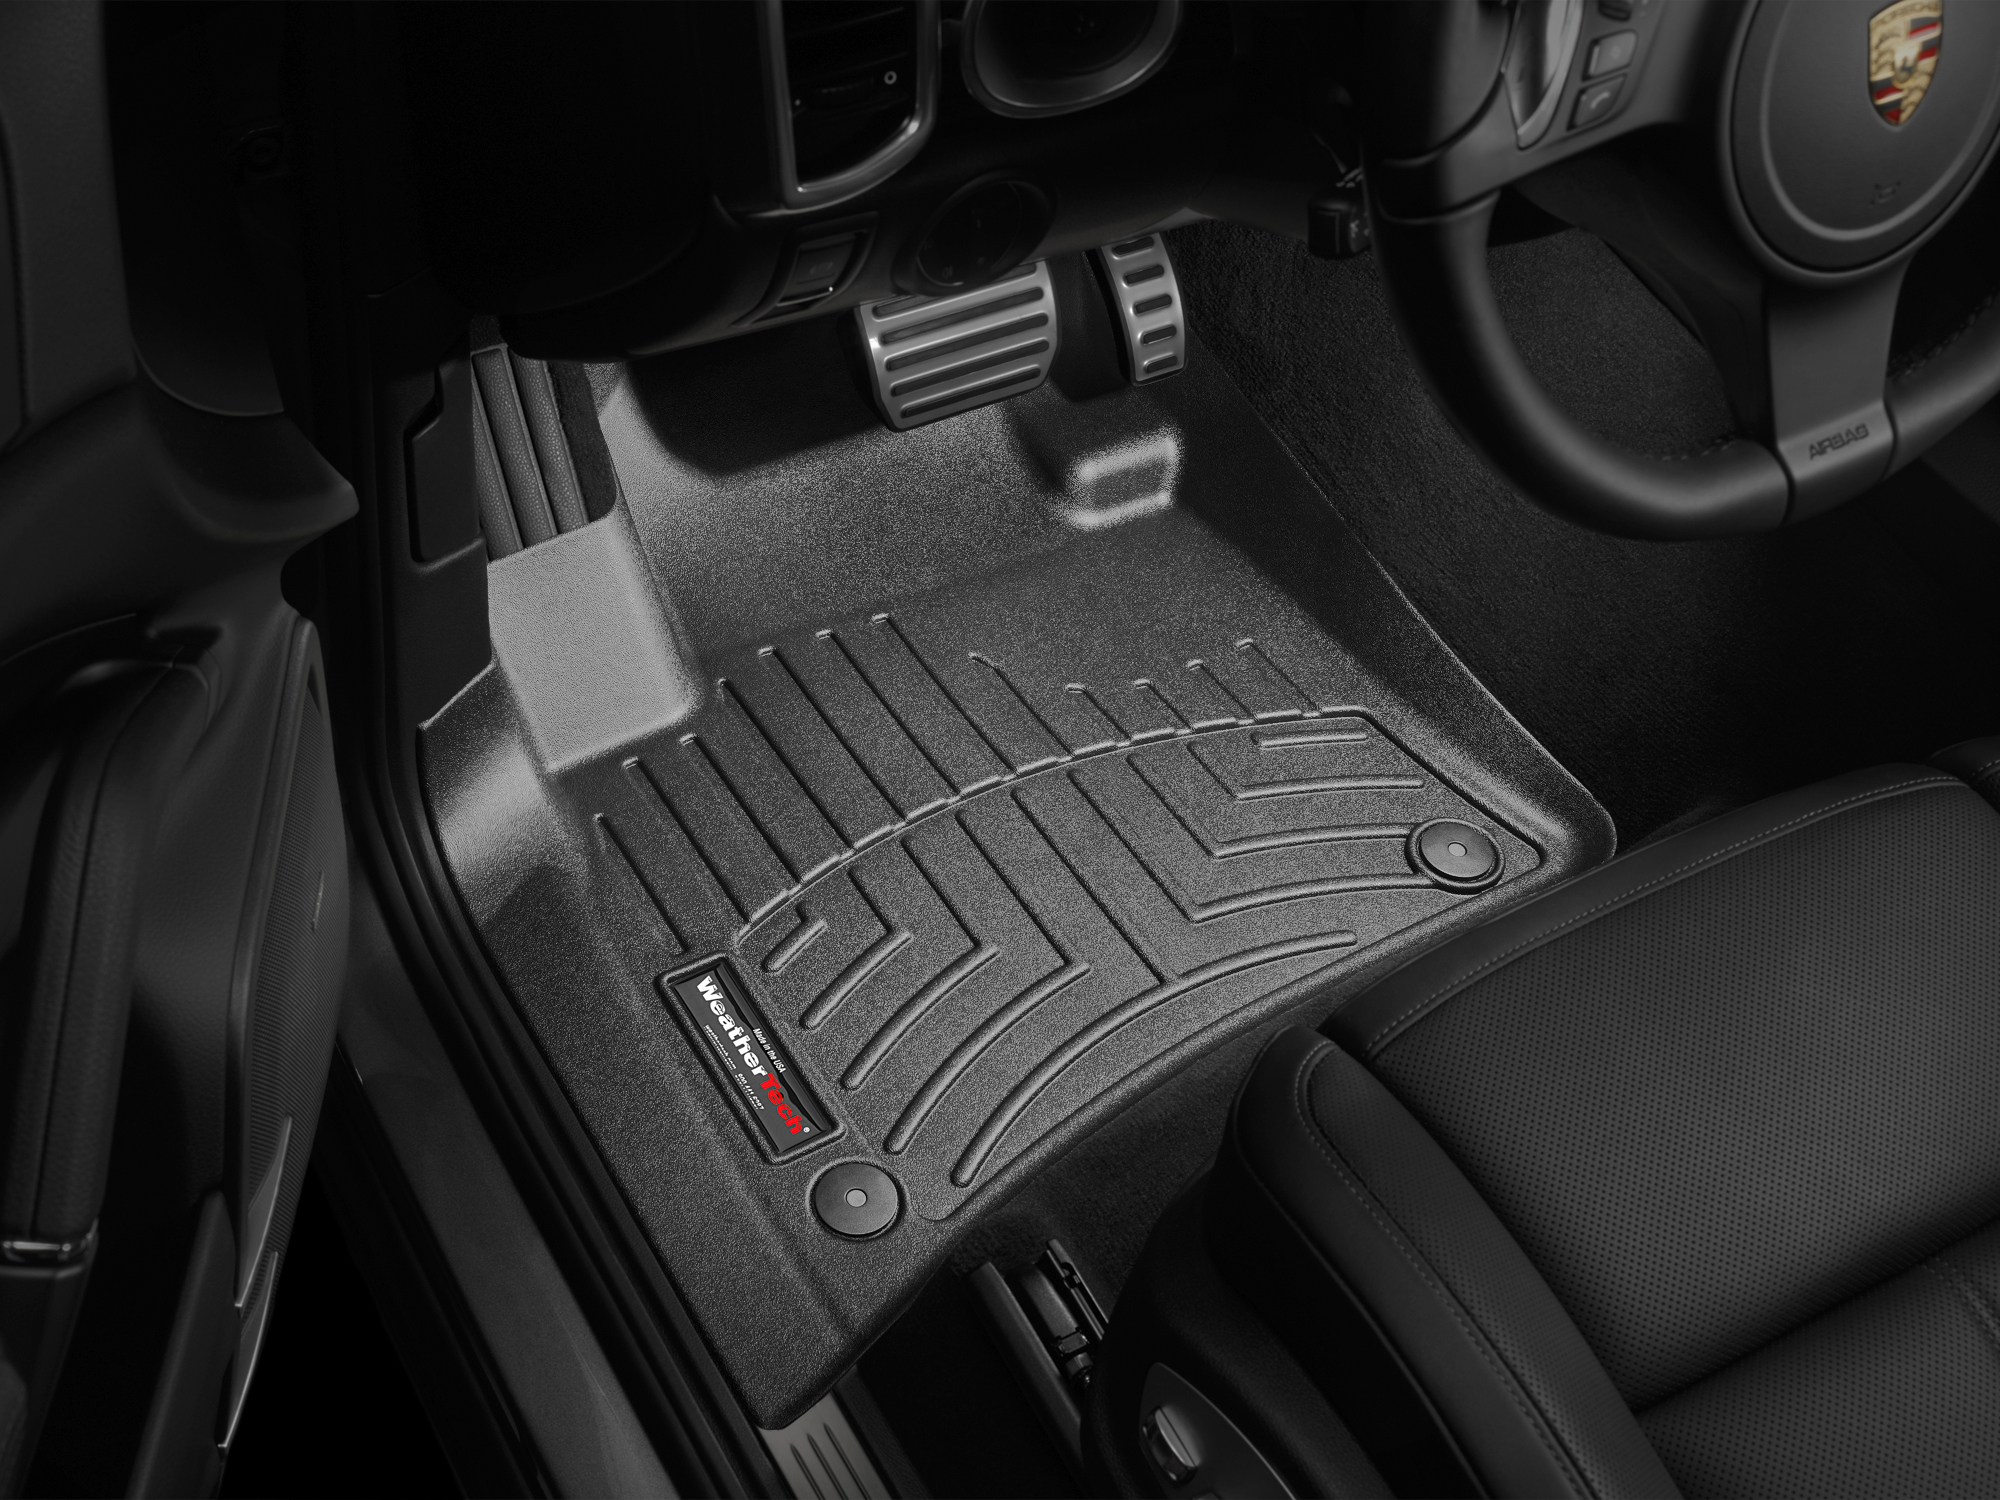 Tappeti gomma su misura bordo alto Volkswagen Touareg 10>10 Nero A4322*